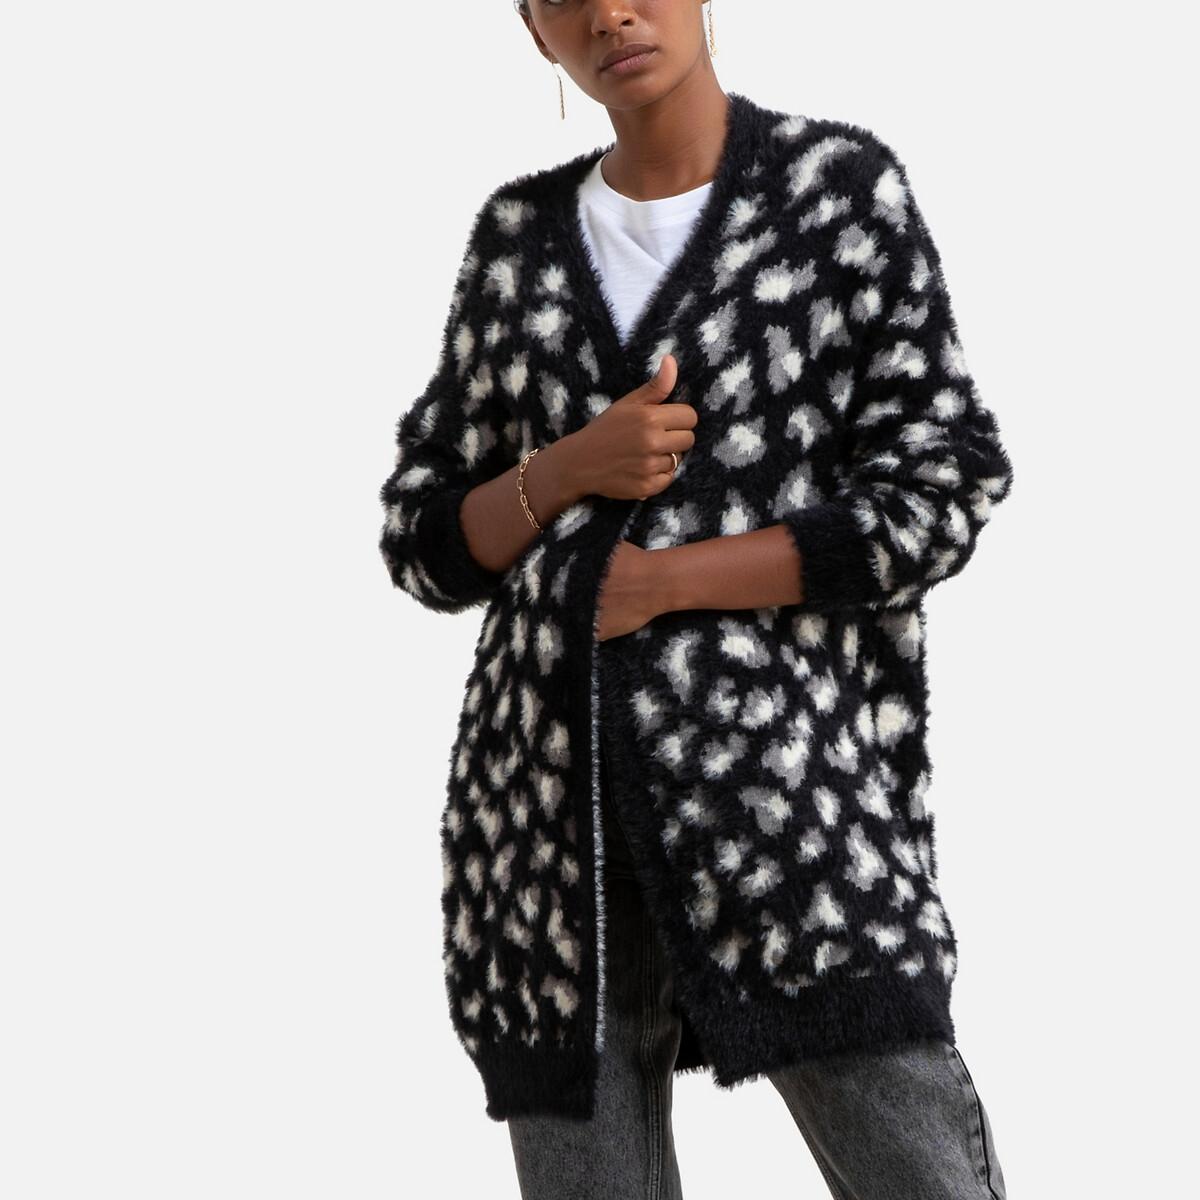 Кардиган La Redoute Средней длины леопардовый принт XS/S черный